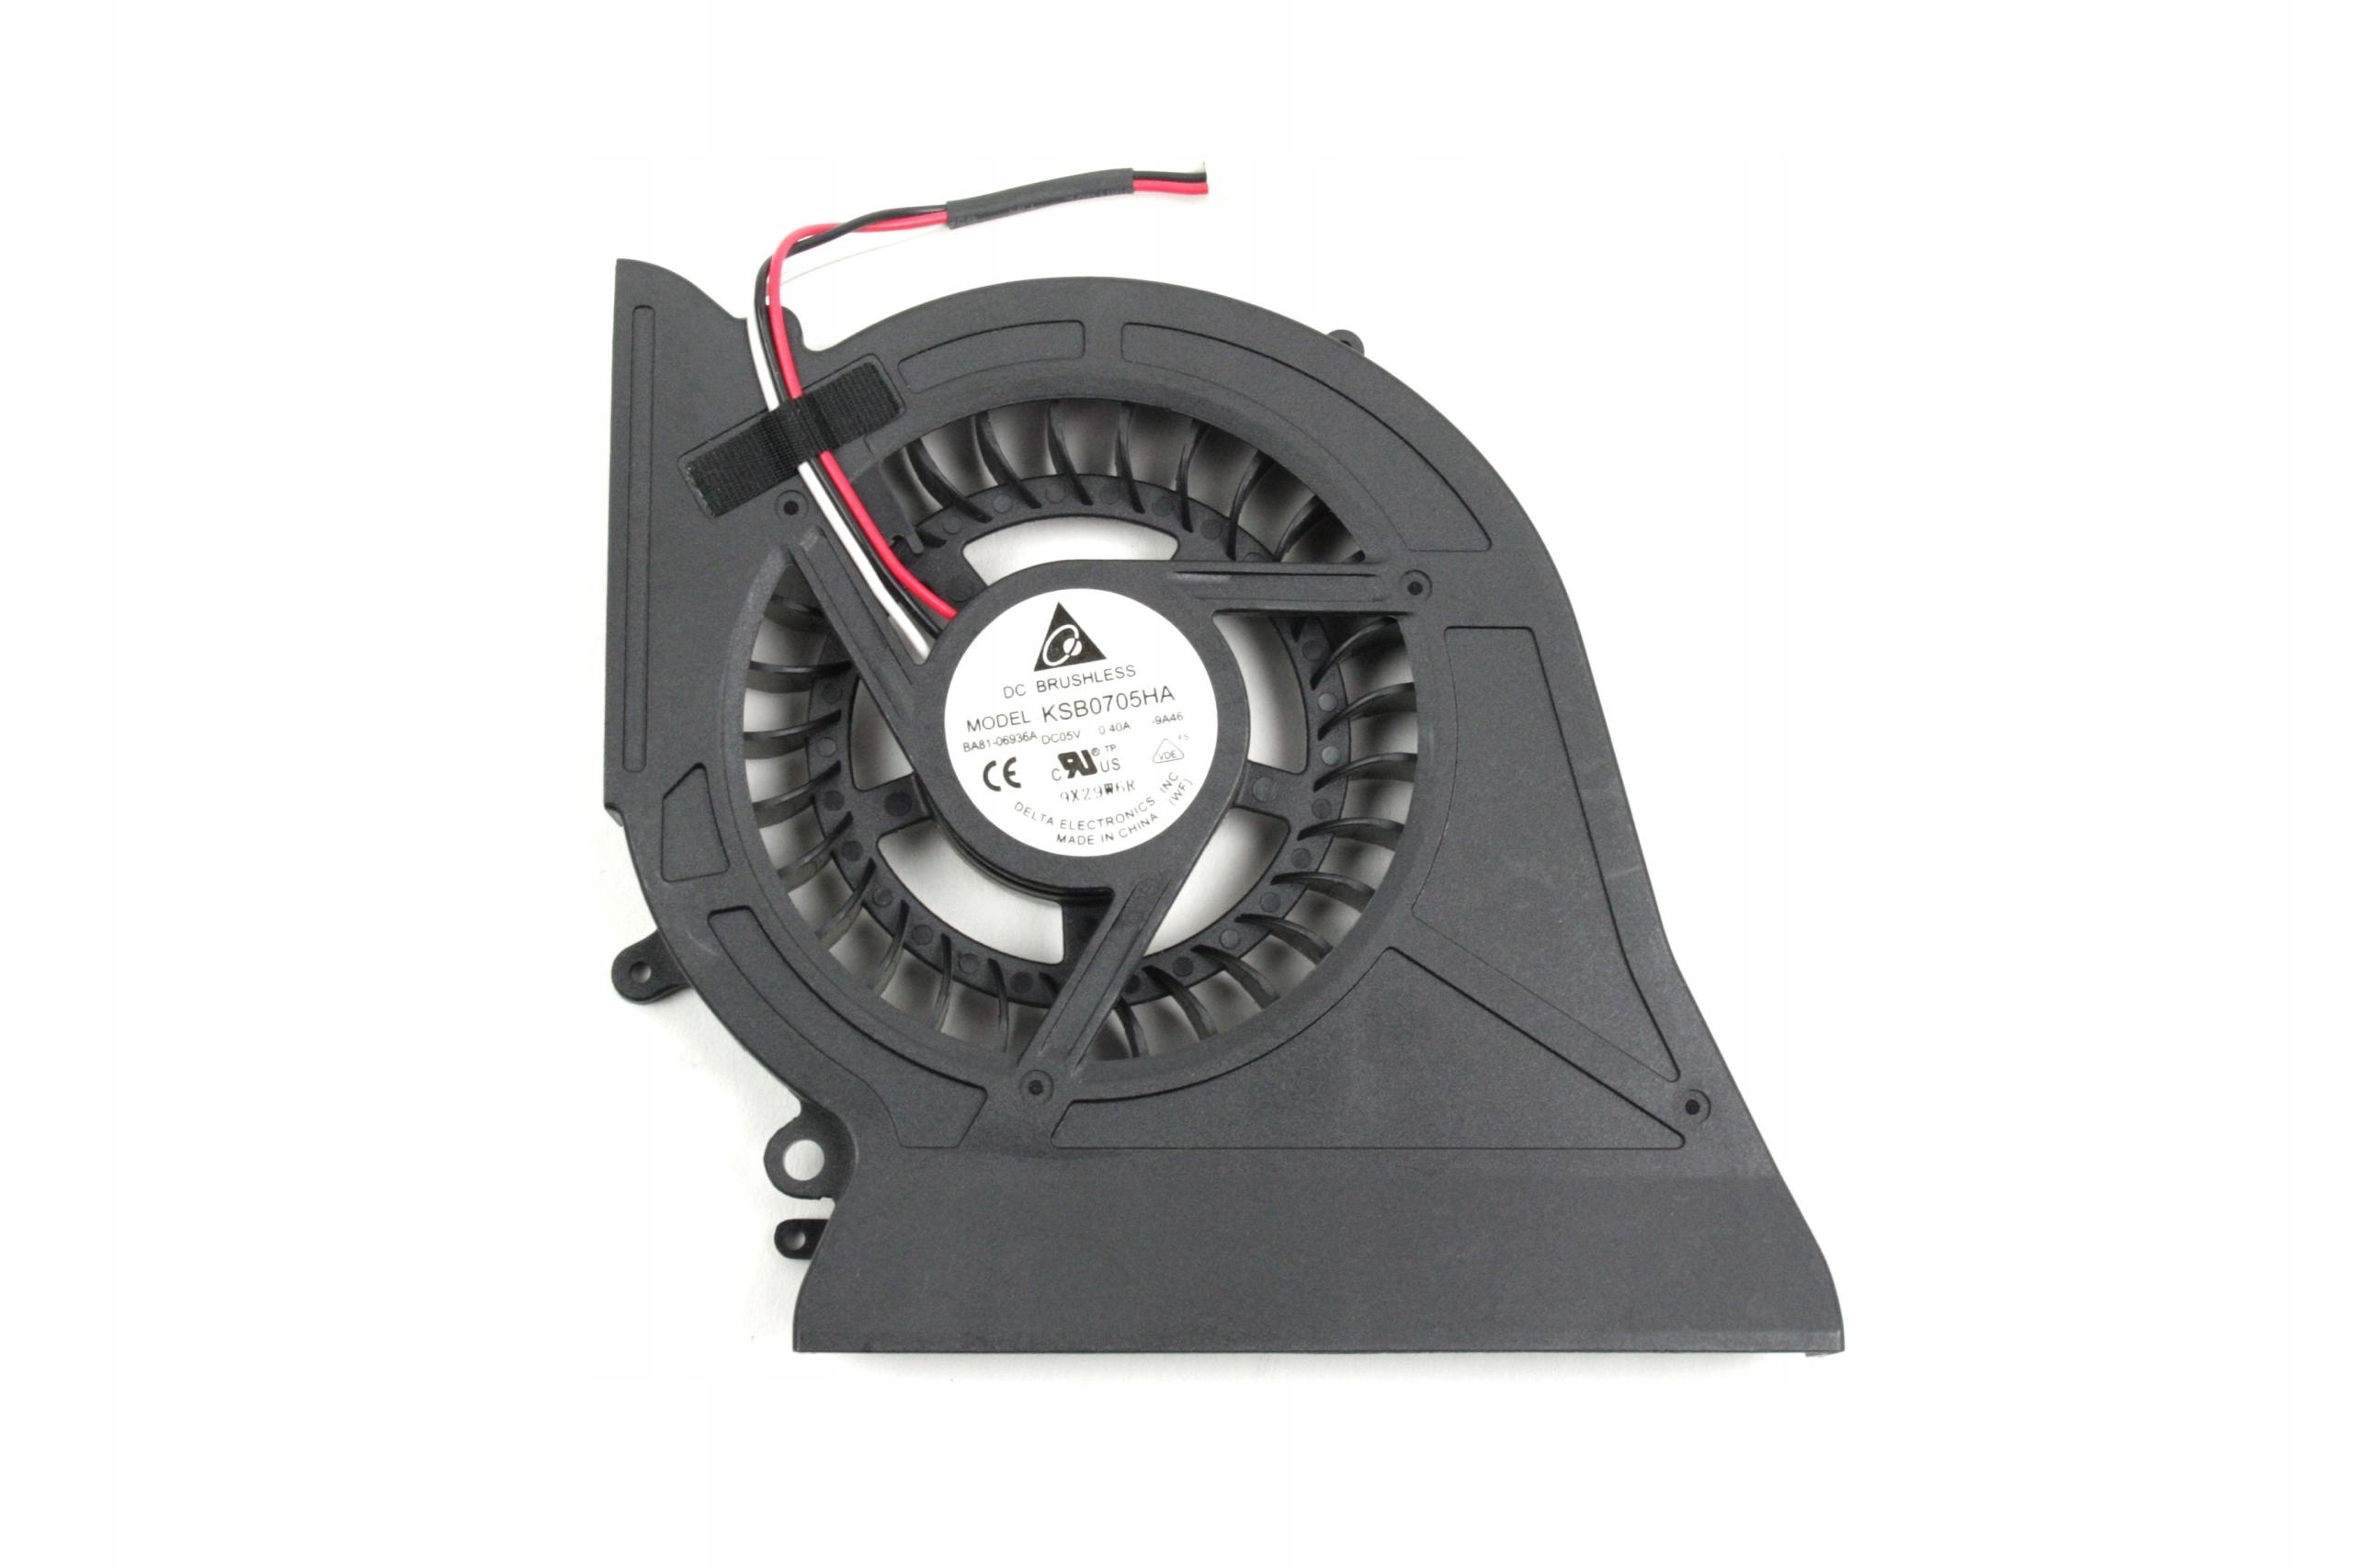 WENTYLATOR CHŁODZENIE WIATRAK SAMSUNG R718 R720 KSB0705HA BA81-06936A - Wentylatory i radiatory